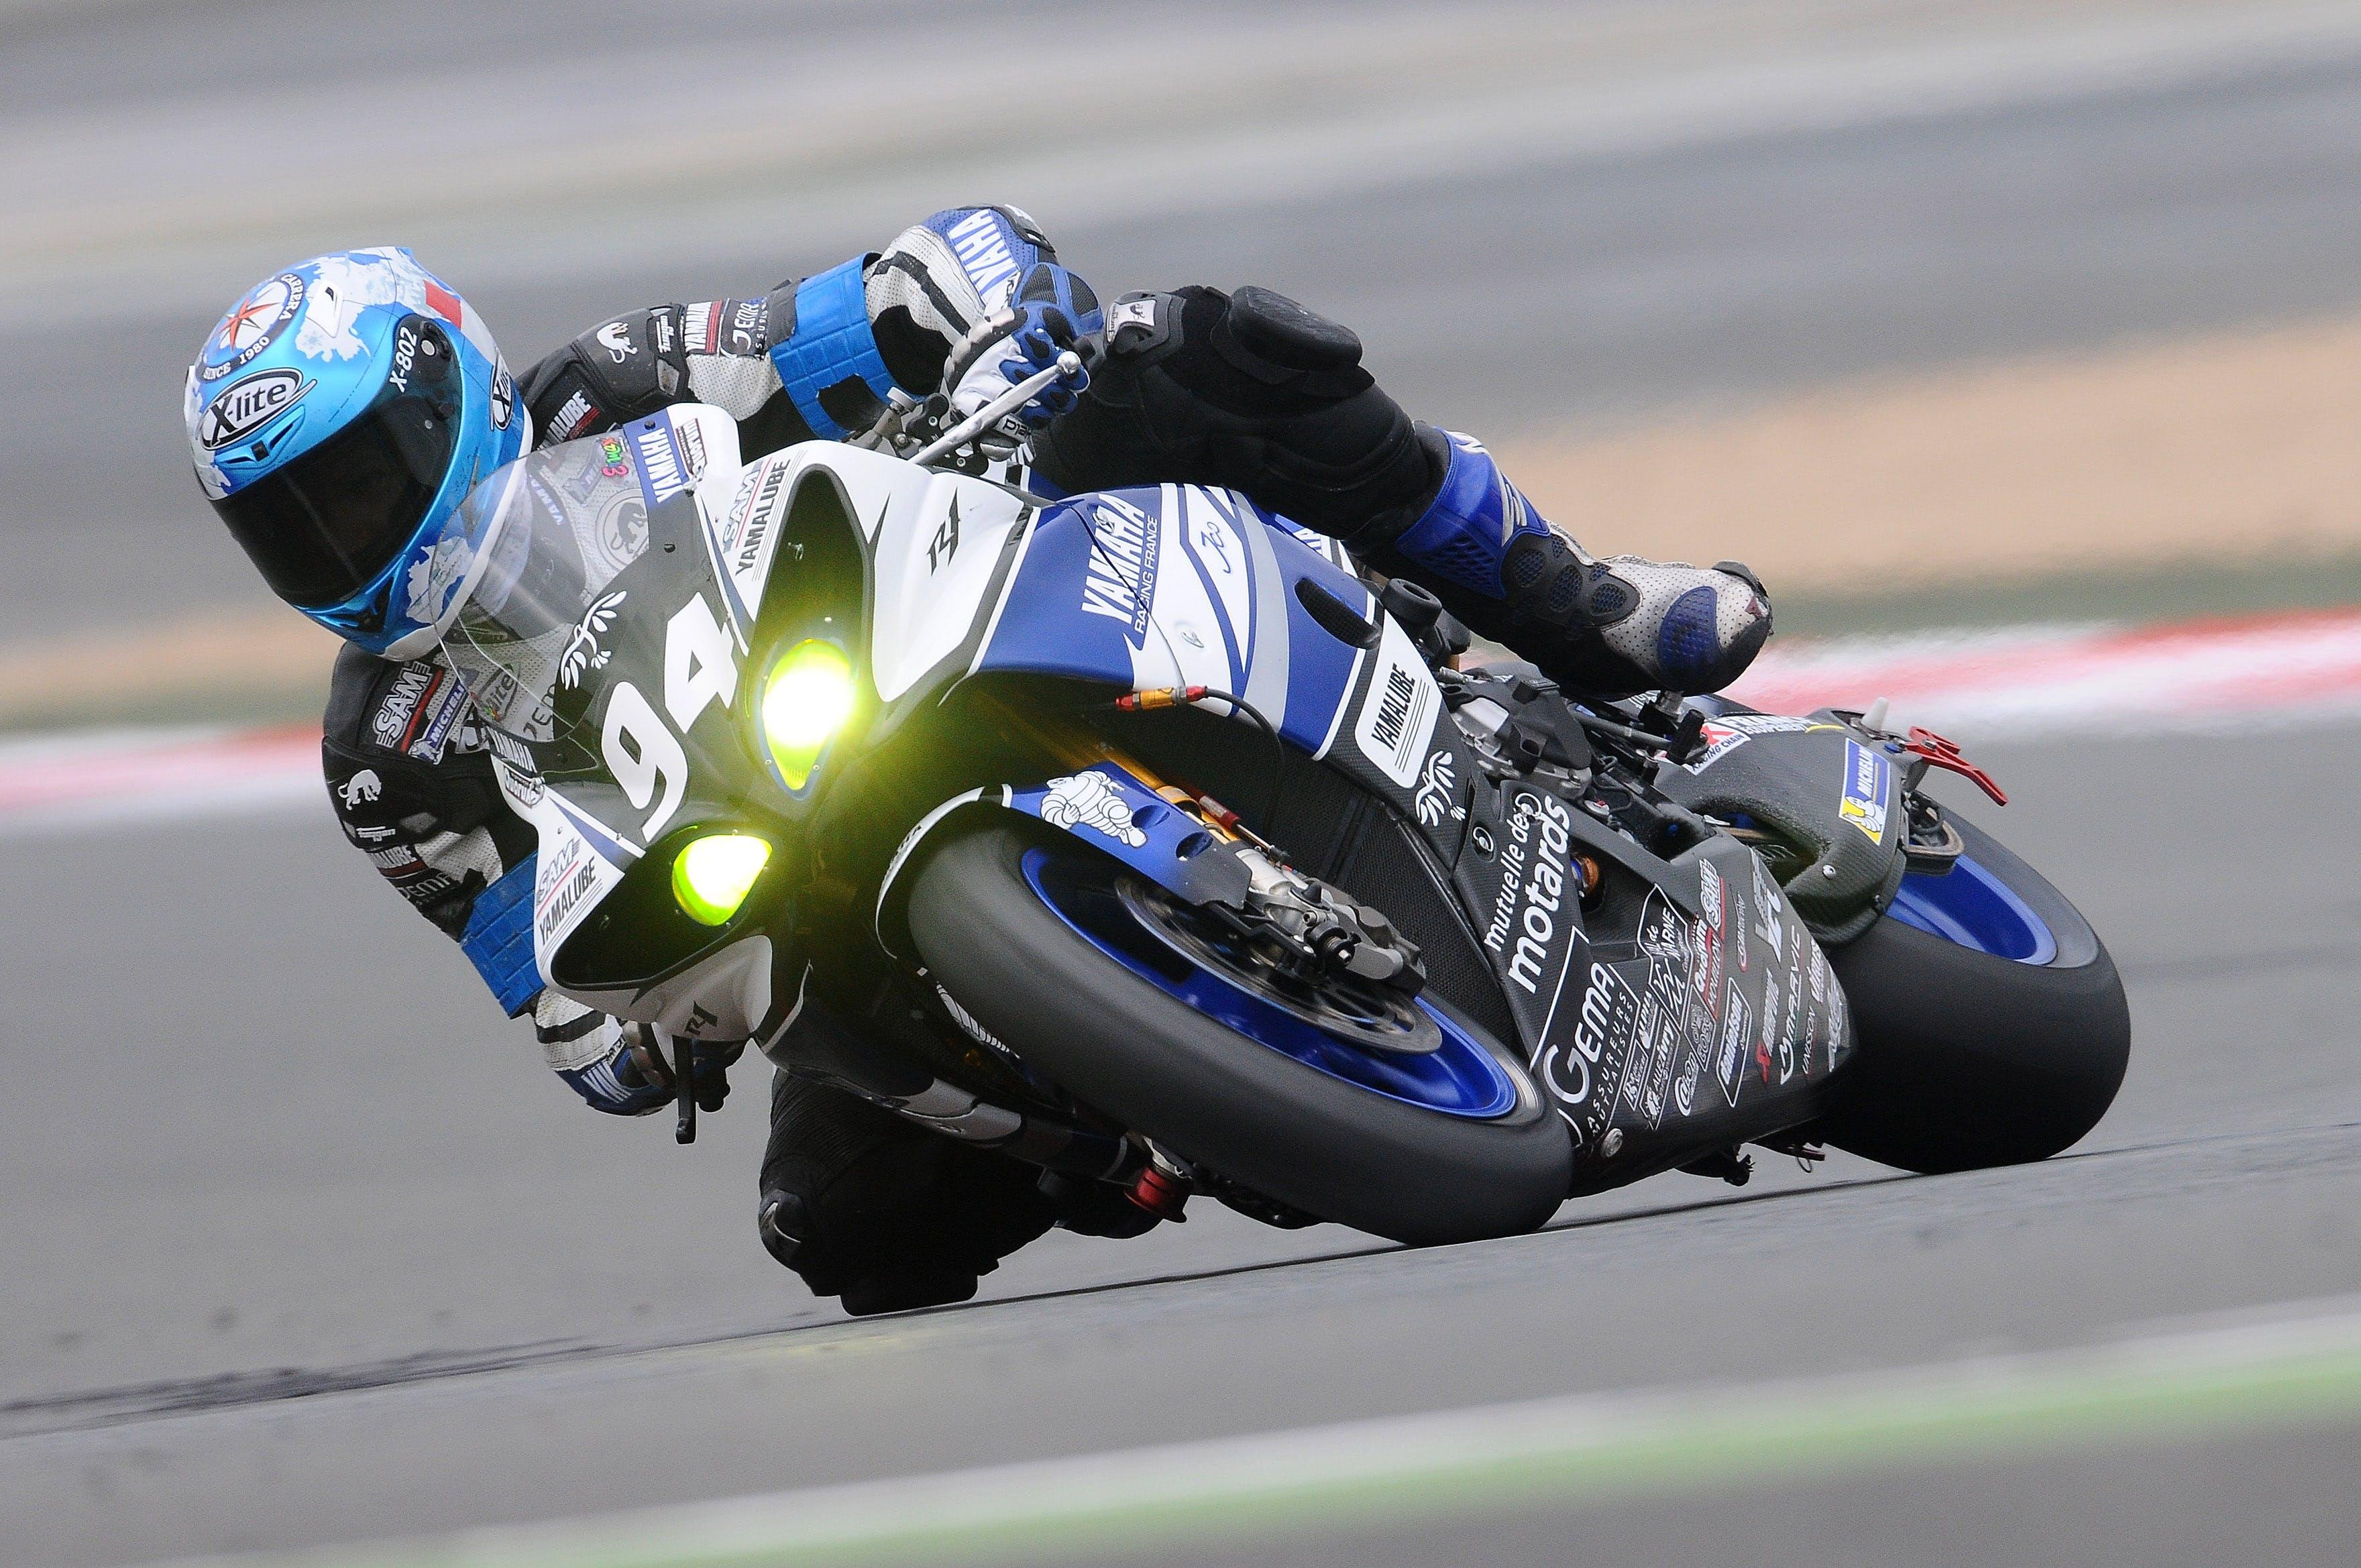 Blue Yamaha R1